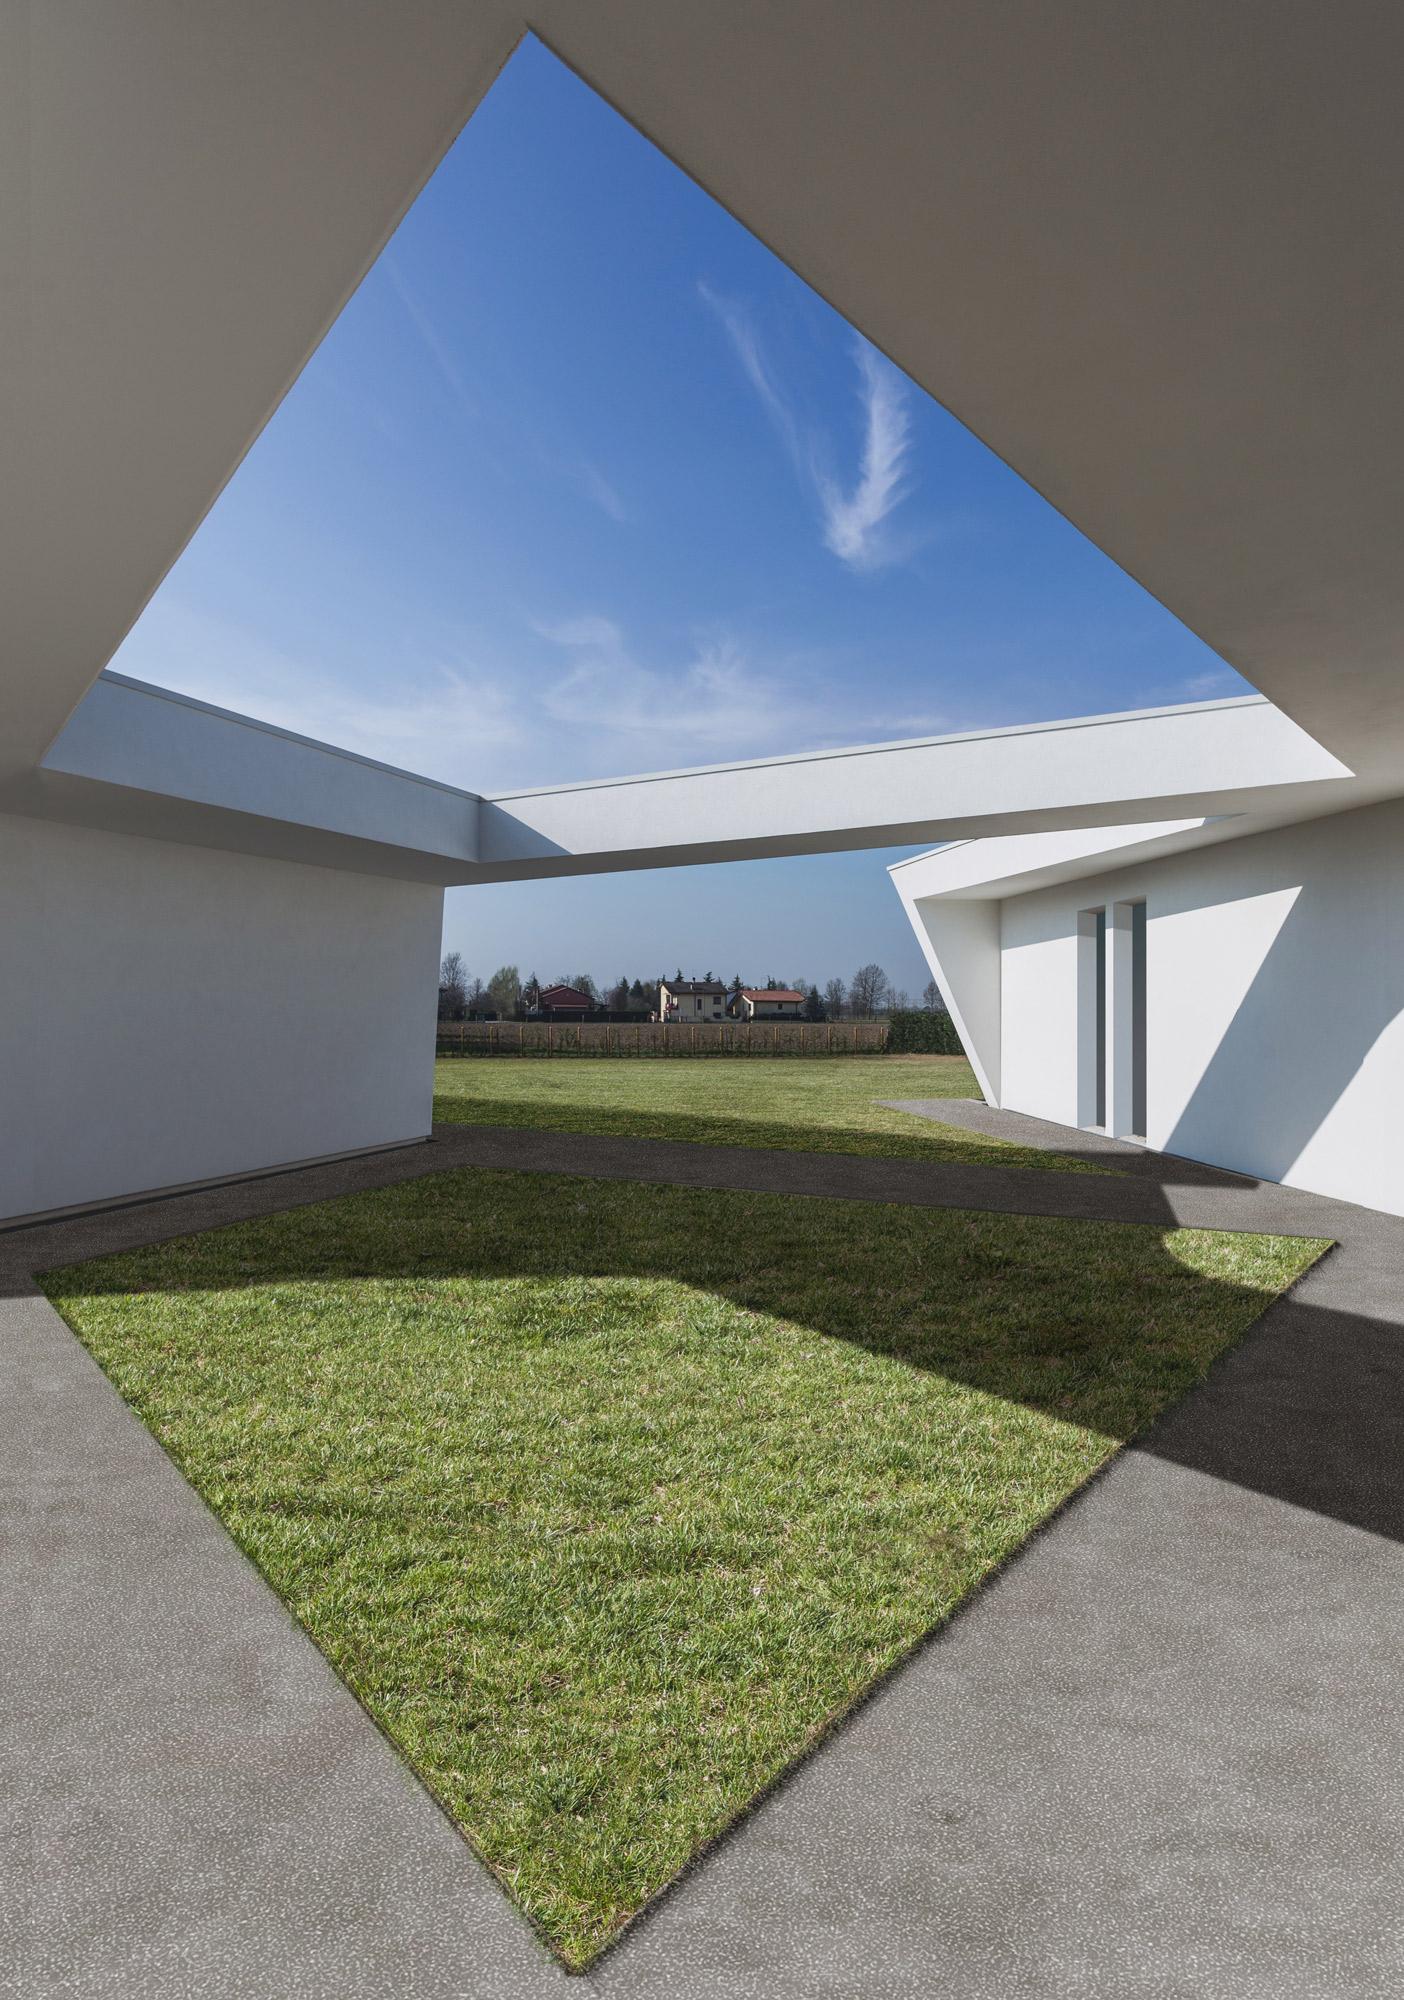 3ndy Studio architecture&design |